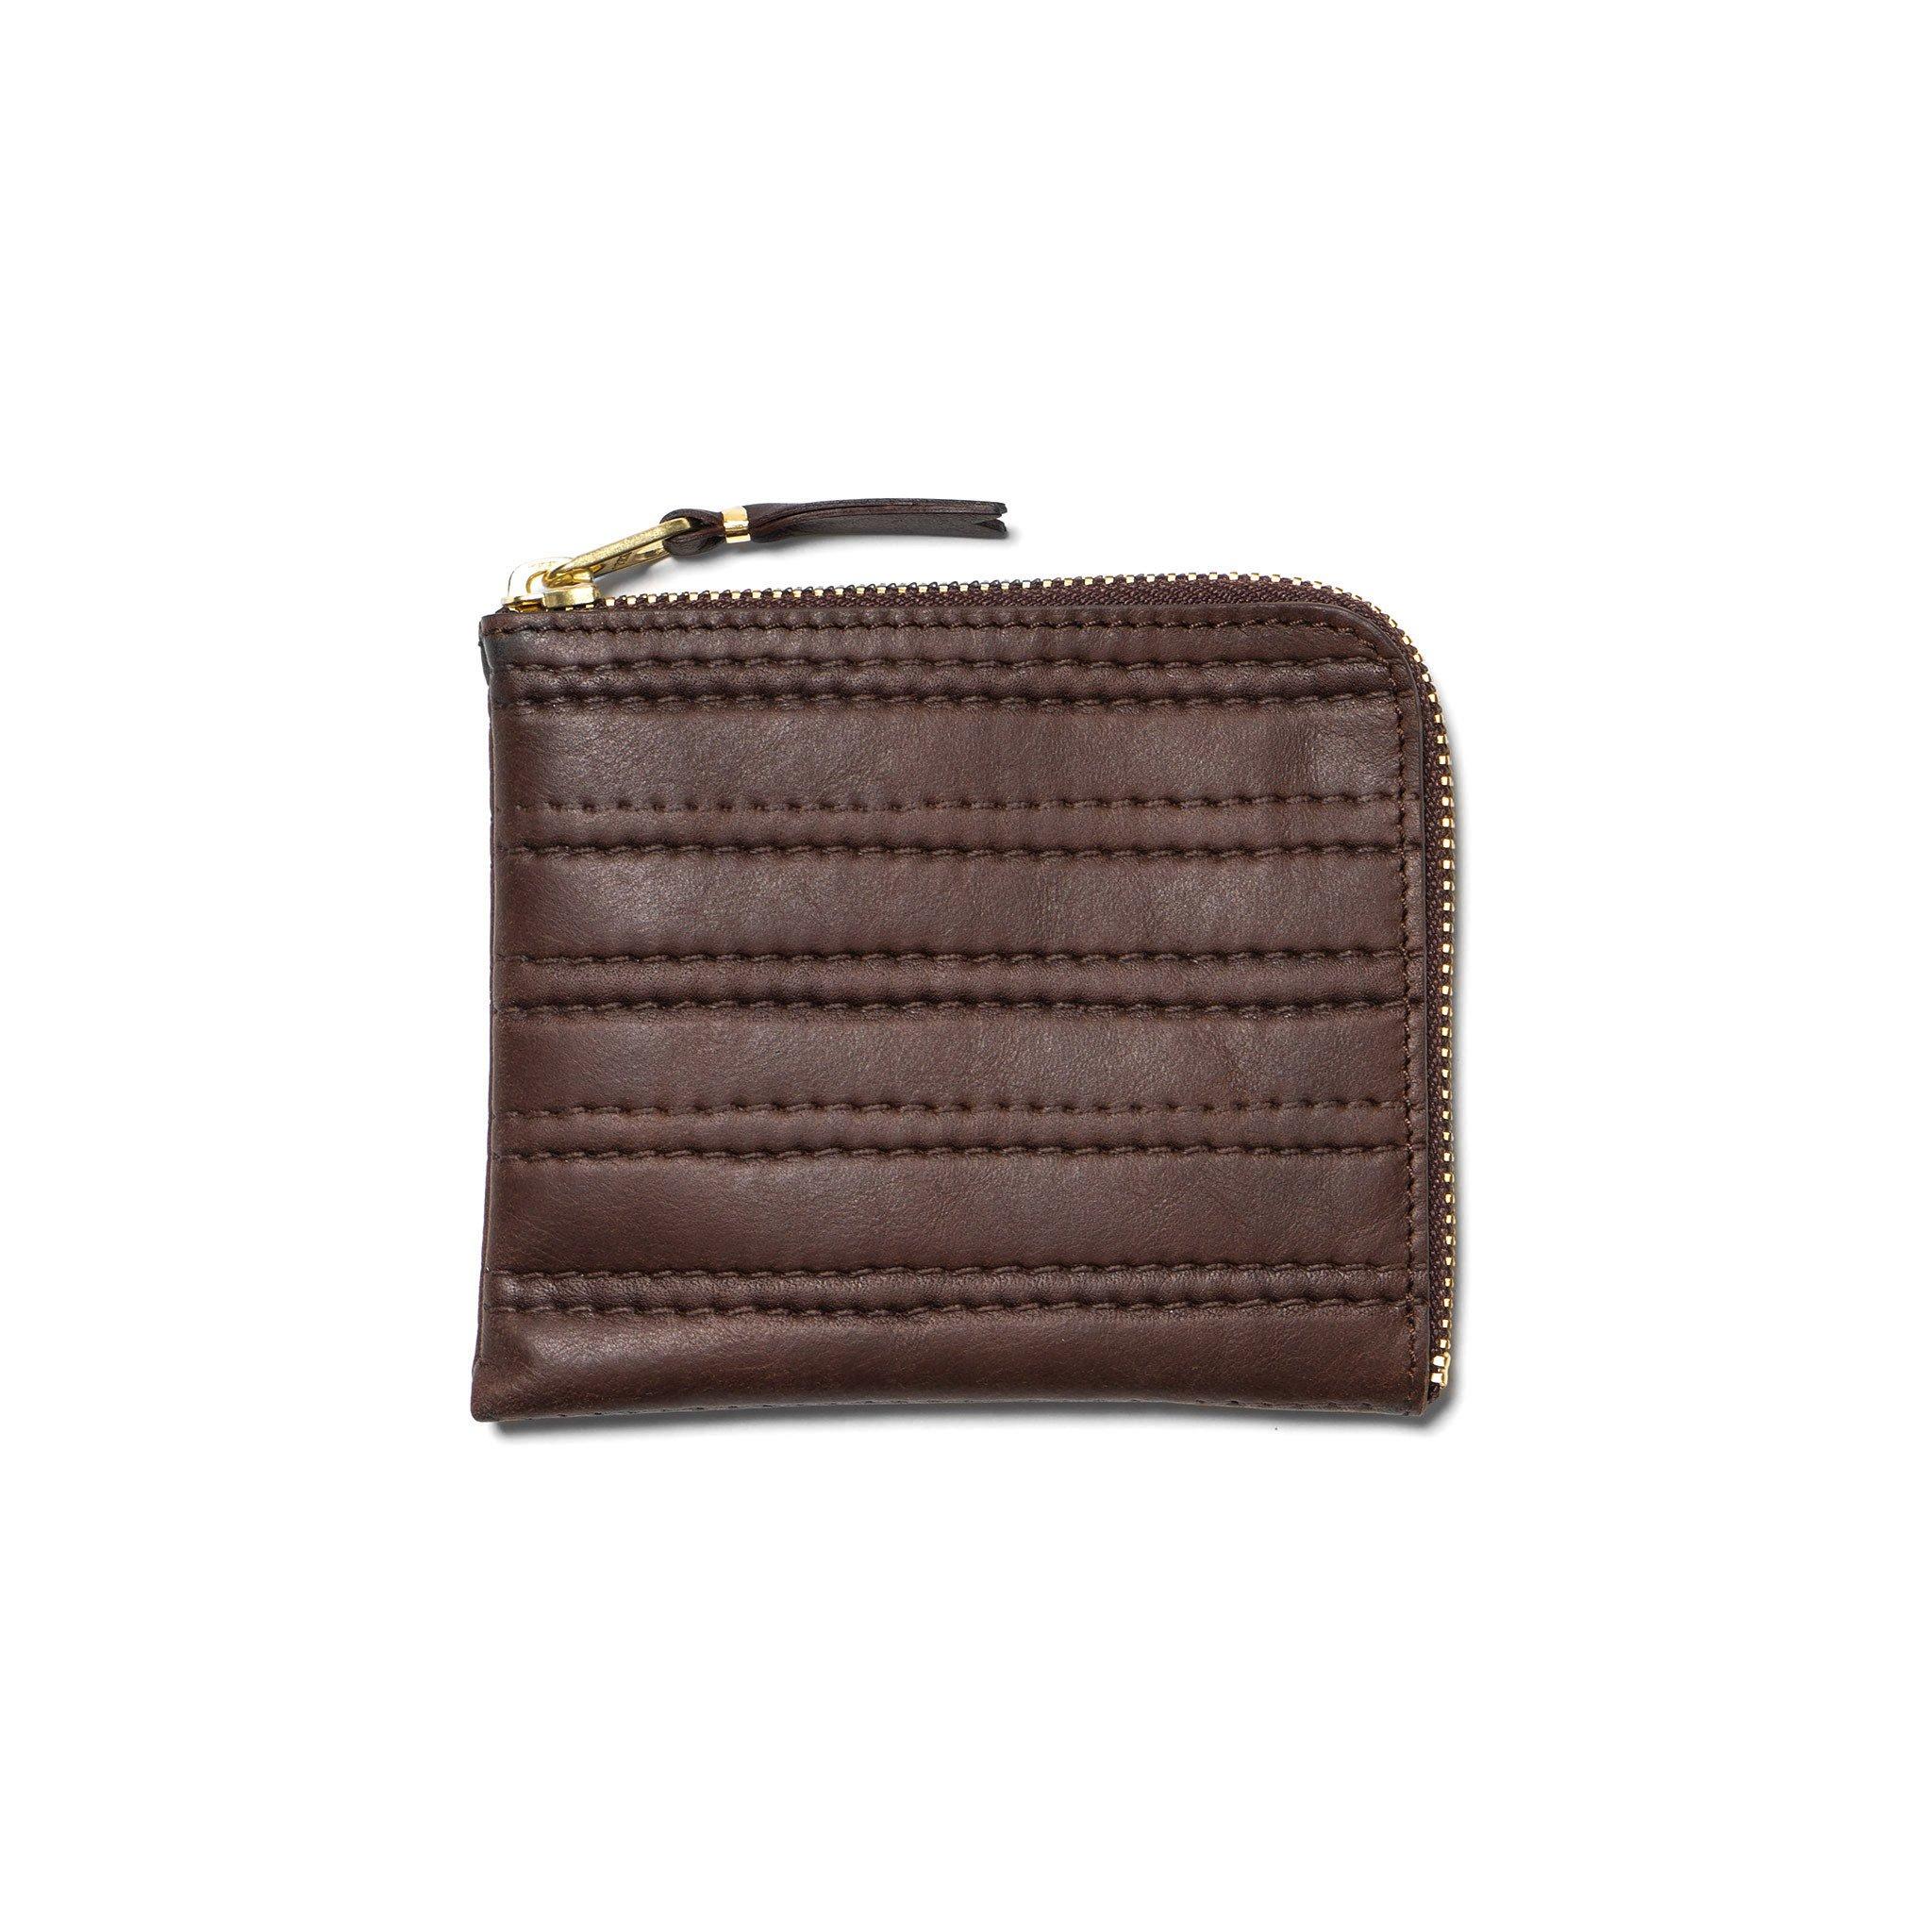 Commes Des Garcons Wallet | Comme Des Garcons Leather Jacket | Comme Des Garcons Wallet Womens